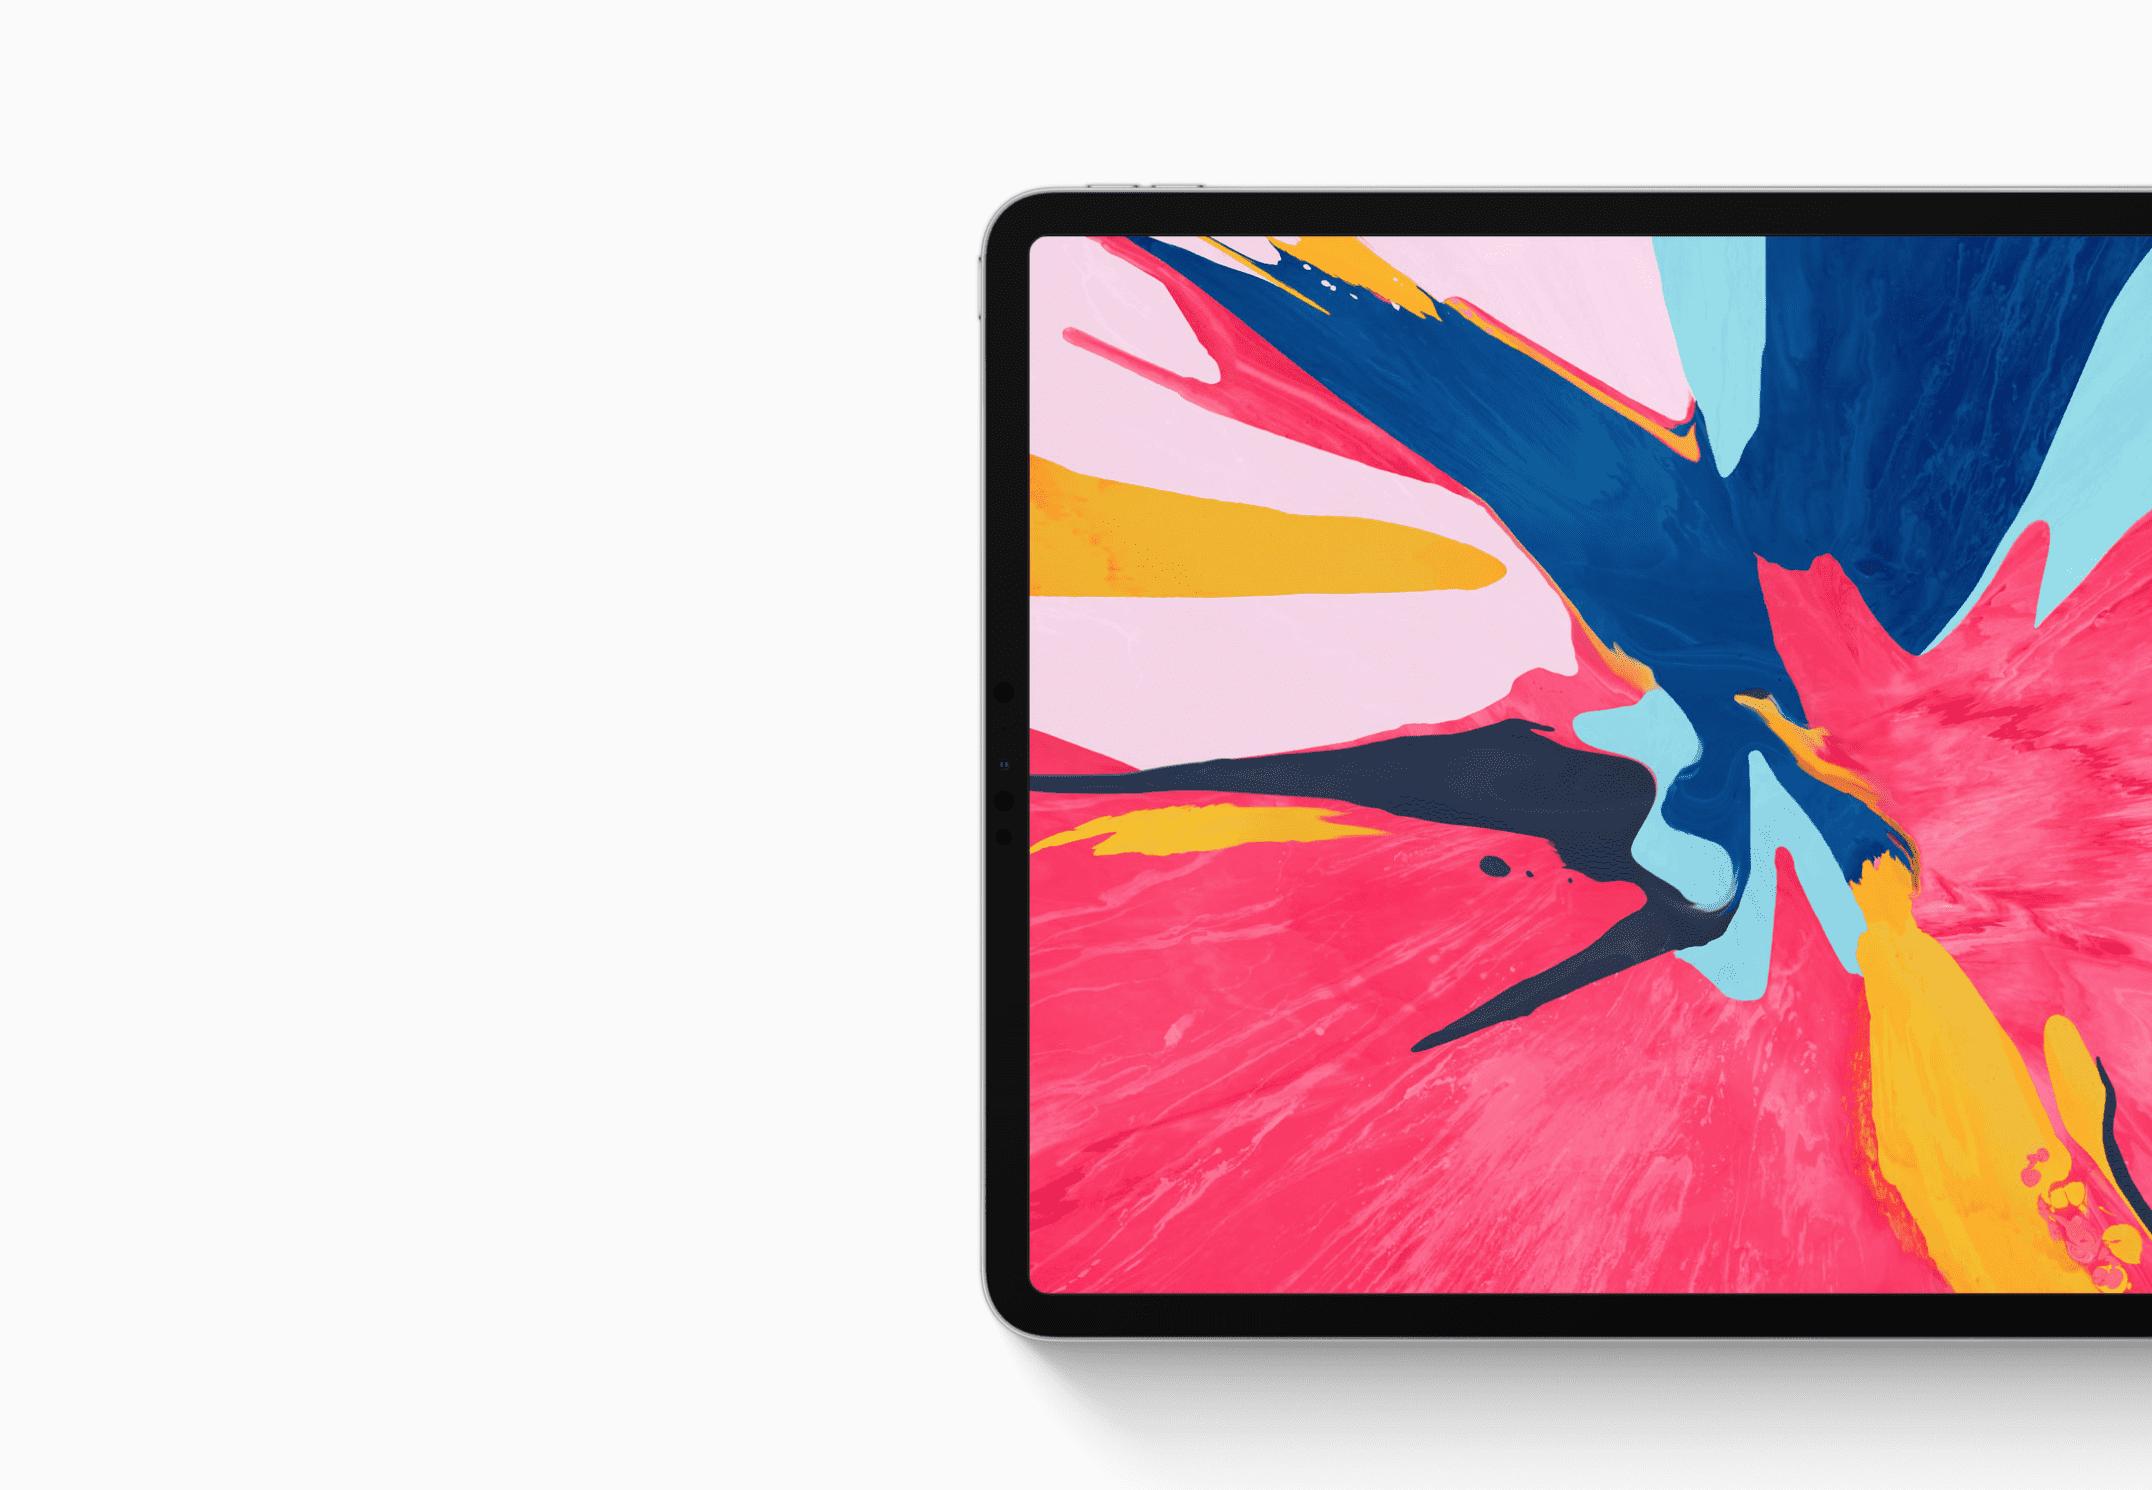 Polska strona Apple uaktualniona - informacje o iPad Pro z Face ID, Mac mini i MacBook Air dostępne polecane, ciekawostki polska strona apple, Macbook Air, Mac mini 2018, iPad Pro 2018, Apple  Tym razem wszystko poszło bardzo sprawnie. Właśnie gigant z Cupertino uaktualnił polską stronę Apple i dodał na niej wszystkie najważniejsze informację o iPad Pro z Face ID, Mac mini i MacBook Air. iPad1